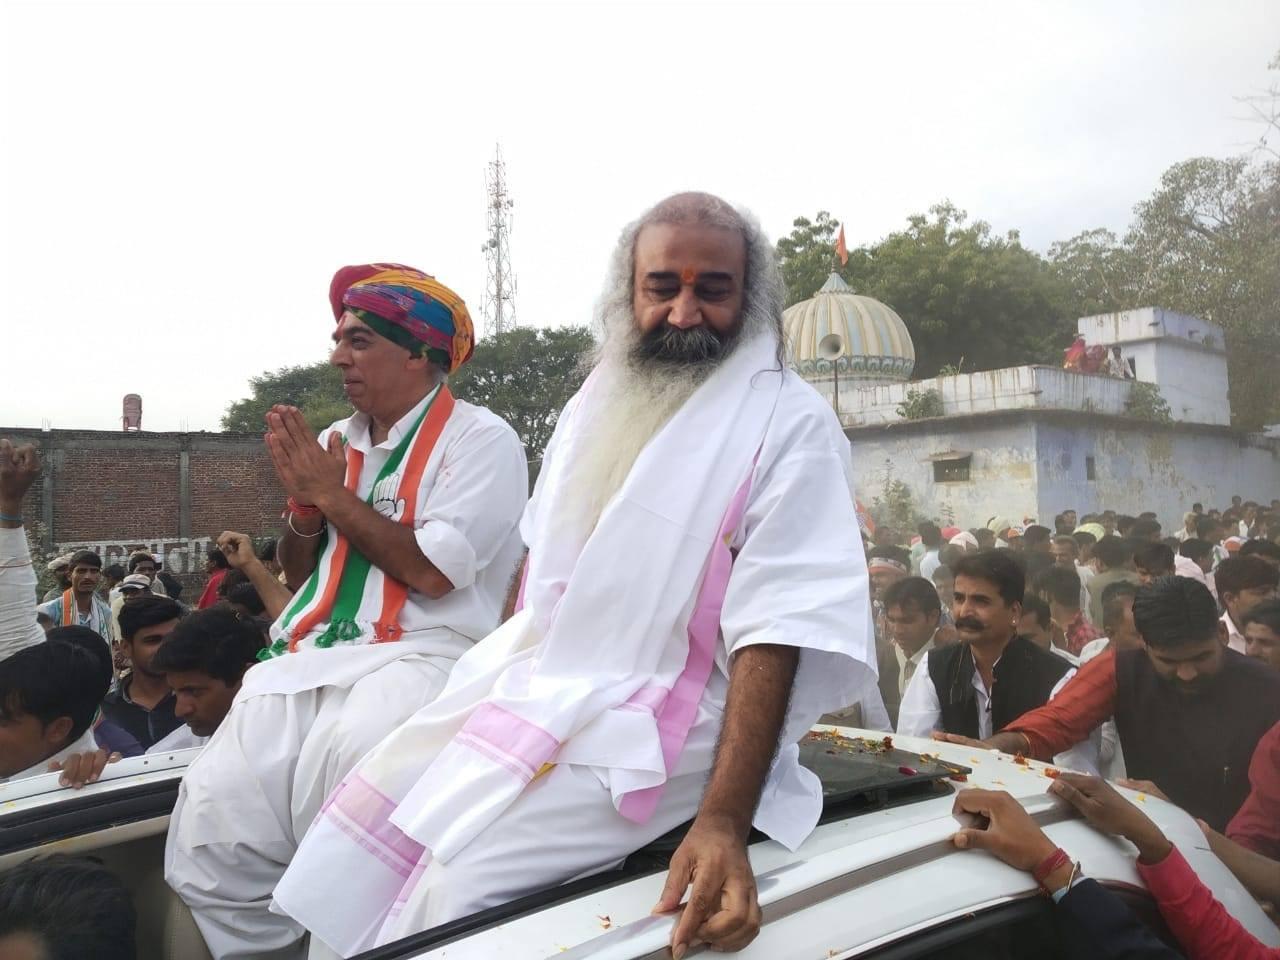 इन्होंन पीएम मोदी की तुलना आतंकी संगठन इंडियन मुजाहिद्दीन से की थी. वहीं पीएम के साथ-साथ सांसद साक्षी महाराज और योगी आदित्यनाथ पर भी निशाना साधा था. इन्होंने कहा था कि देश में लोग जितना इंडियन मुजाहिद्दीन से नहीं डरते हैं, उससे कहीं ज्यादा प्रधानमंत्री नरेंद्र मोदी से डरते हैं. वहीं योगी आदित्यनाथ की तुलना माफिया चलाने वाले नेता से की थी.